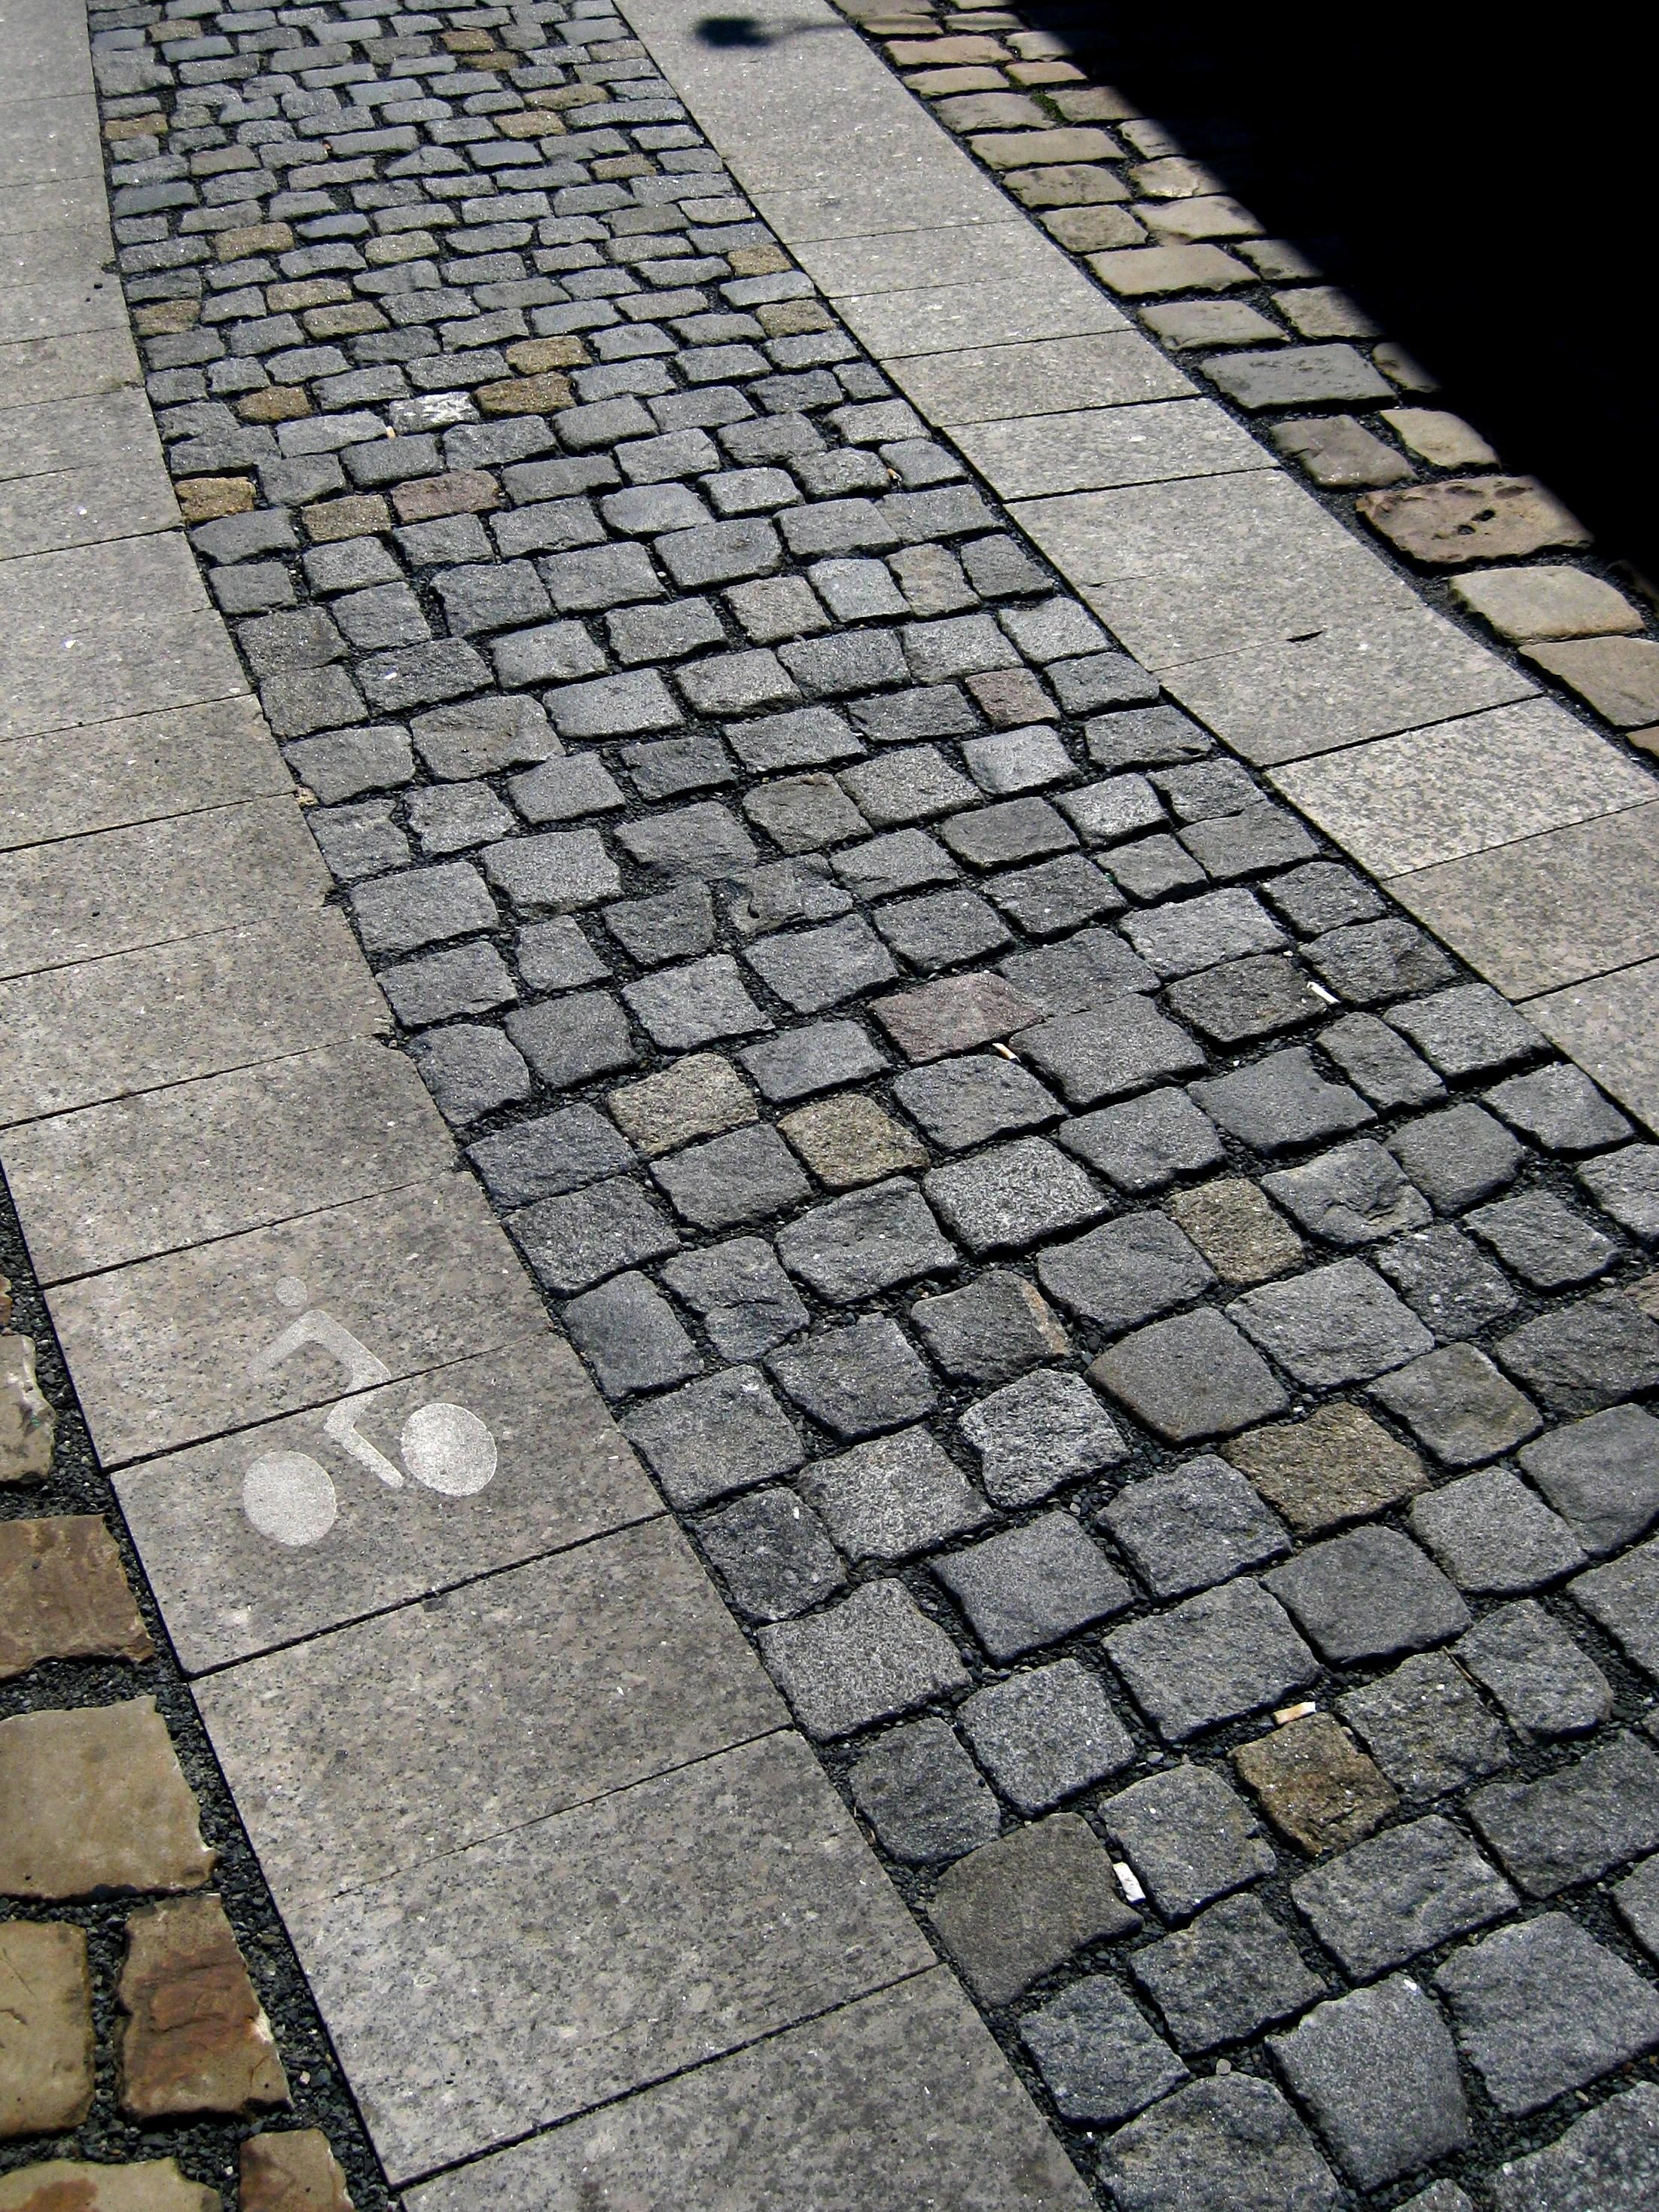 kostenlose bild: pflaster, stein, pflasterstein, avenue, alte, Gartenarbeit ideen